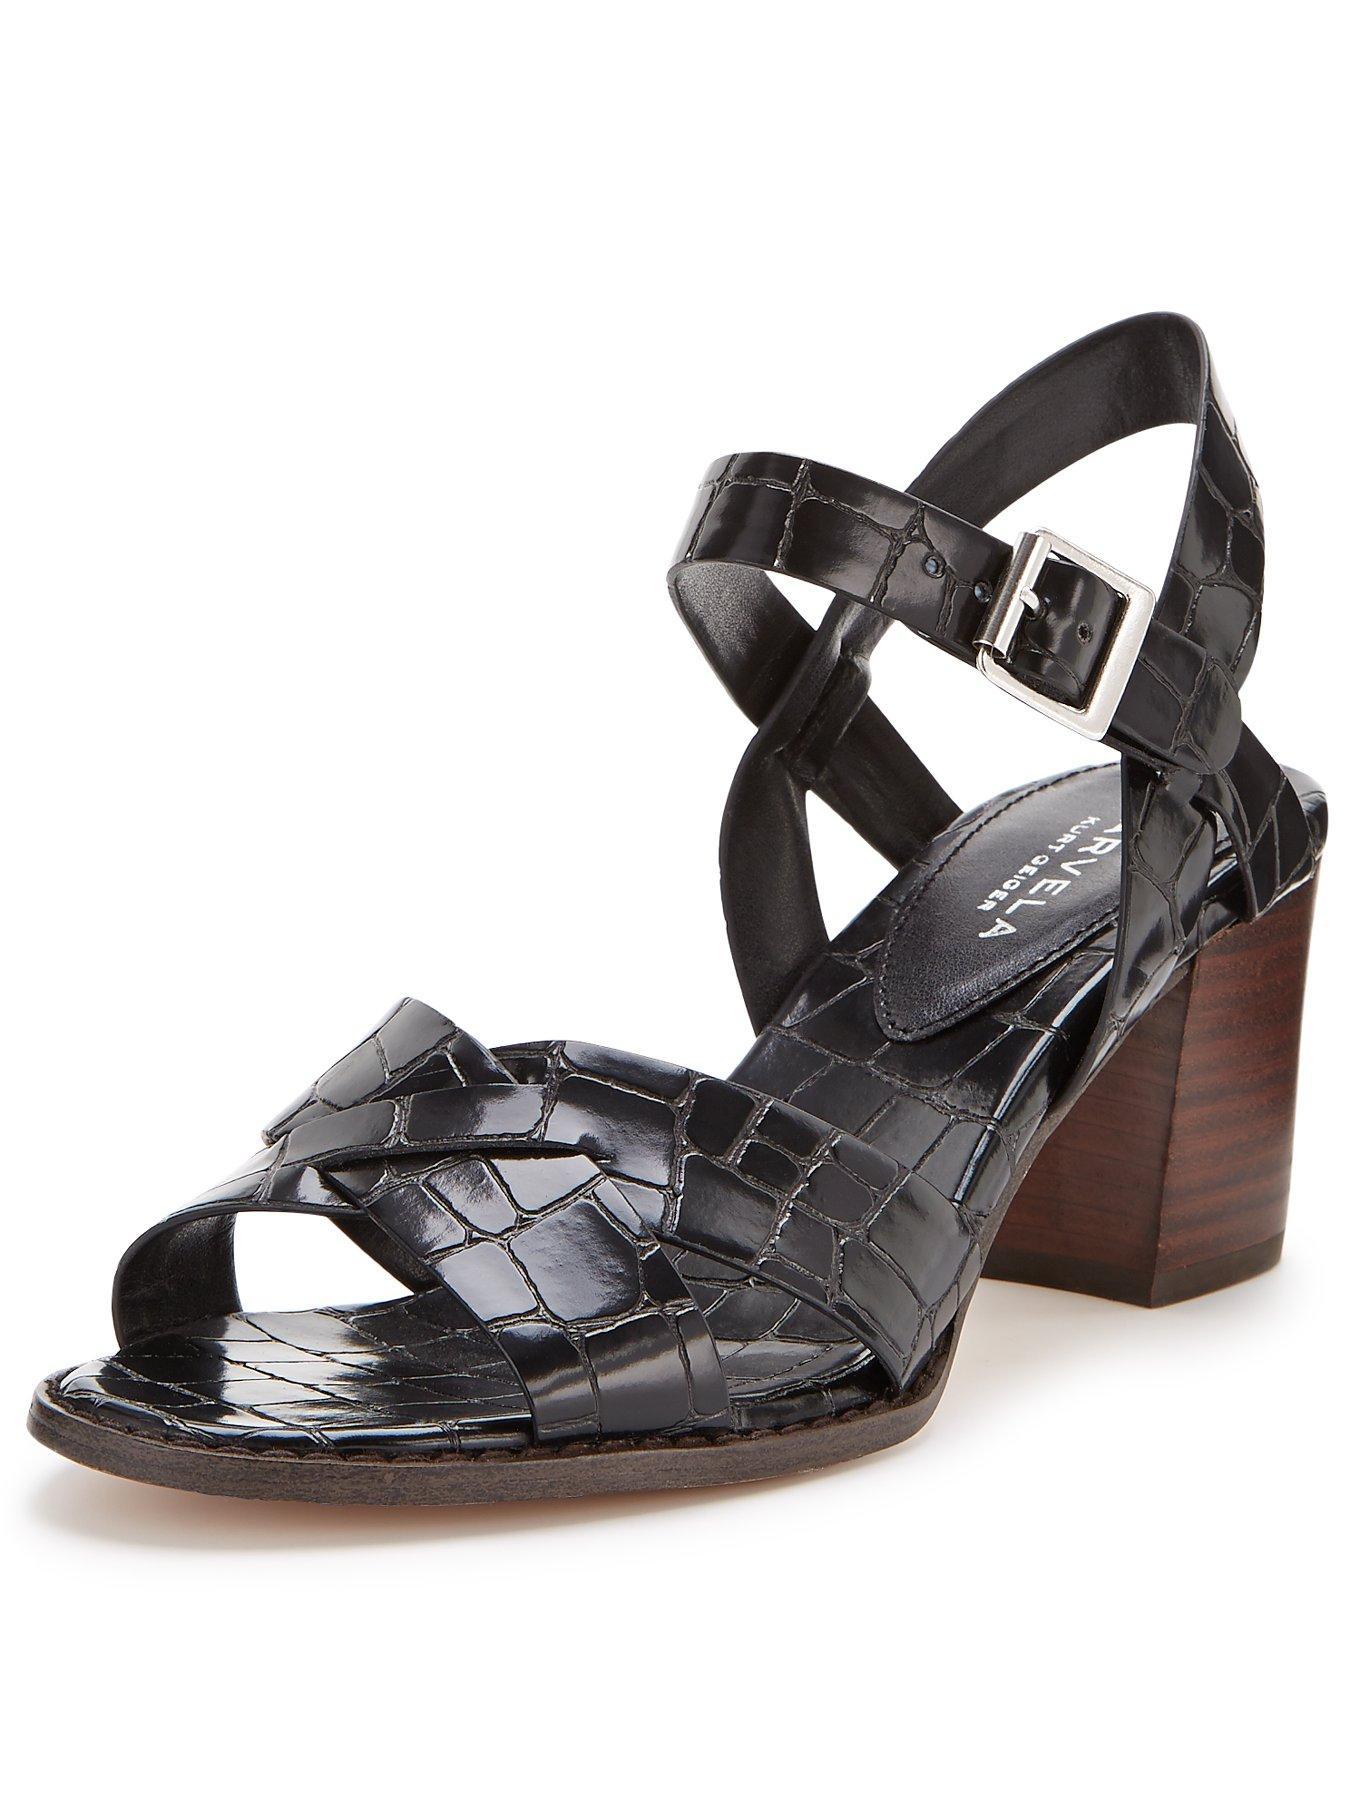 Black sandals littlewoods - Carvela Sand Block Heel Sandals